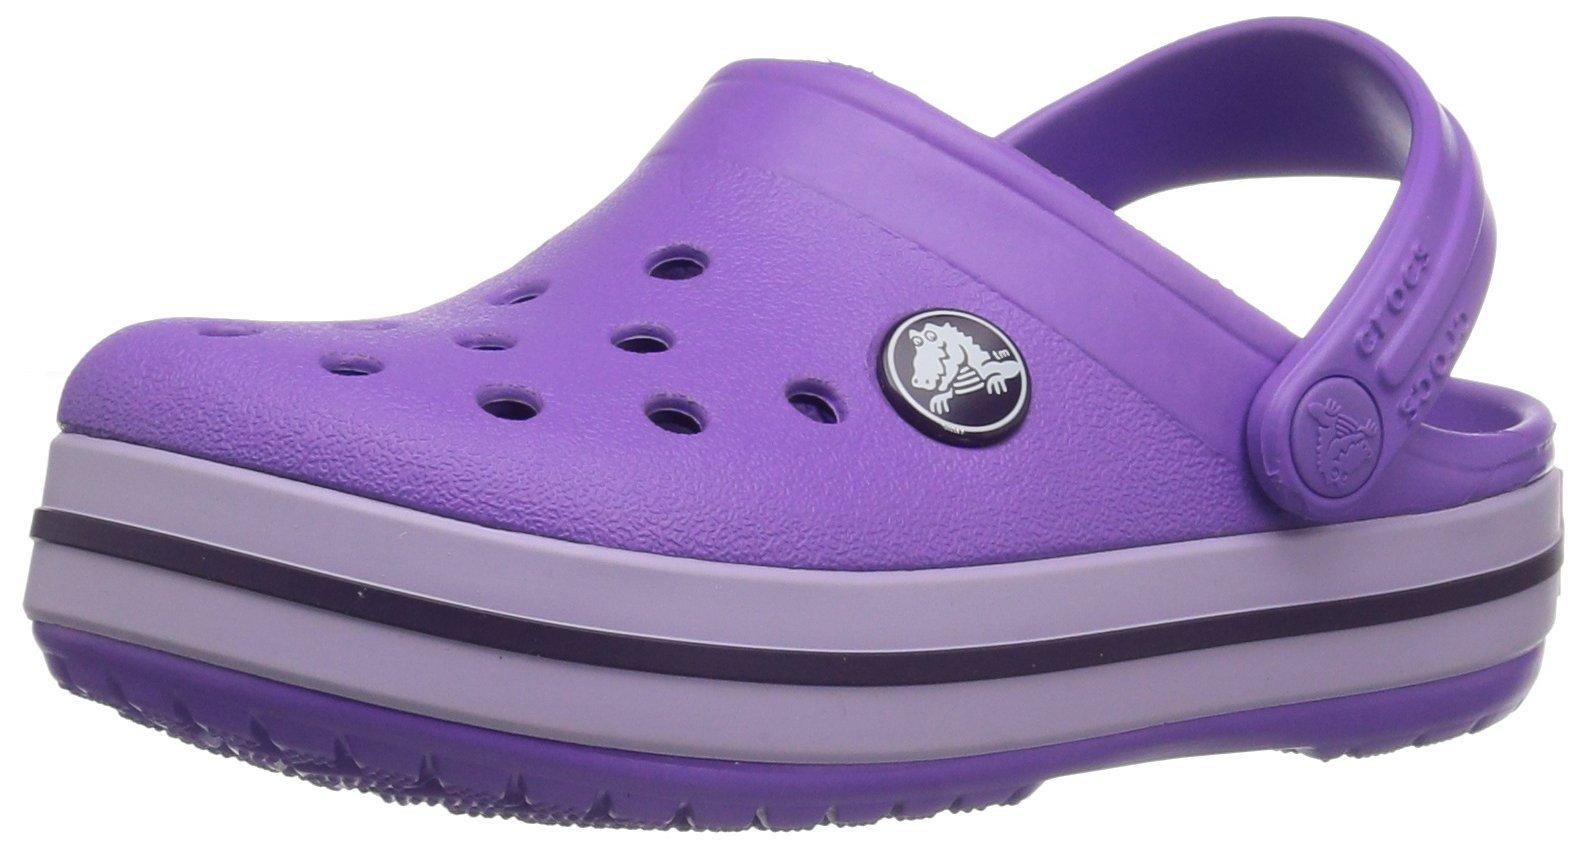 Crocs Unisex Crocband Clog K, Purple, 3 M US Little Kid